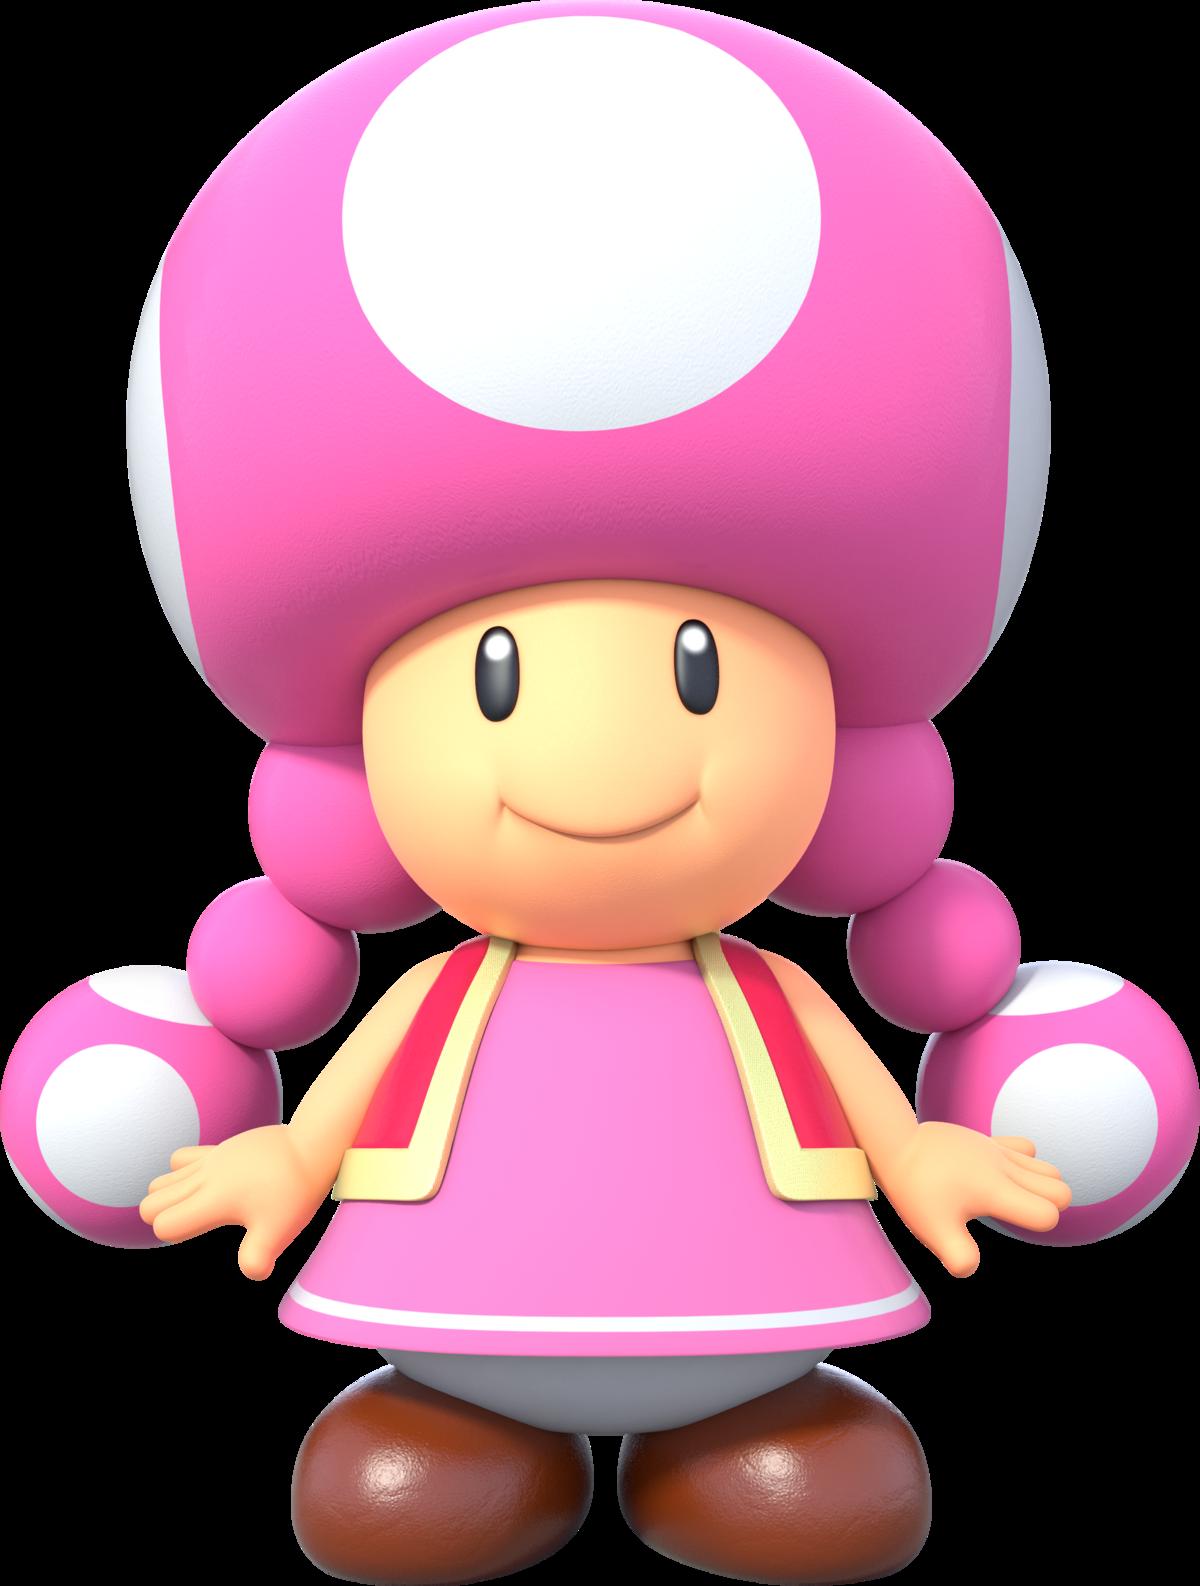 Super Mario: a Mario in time